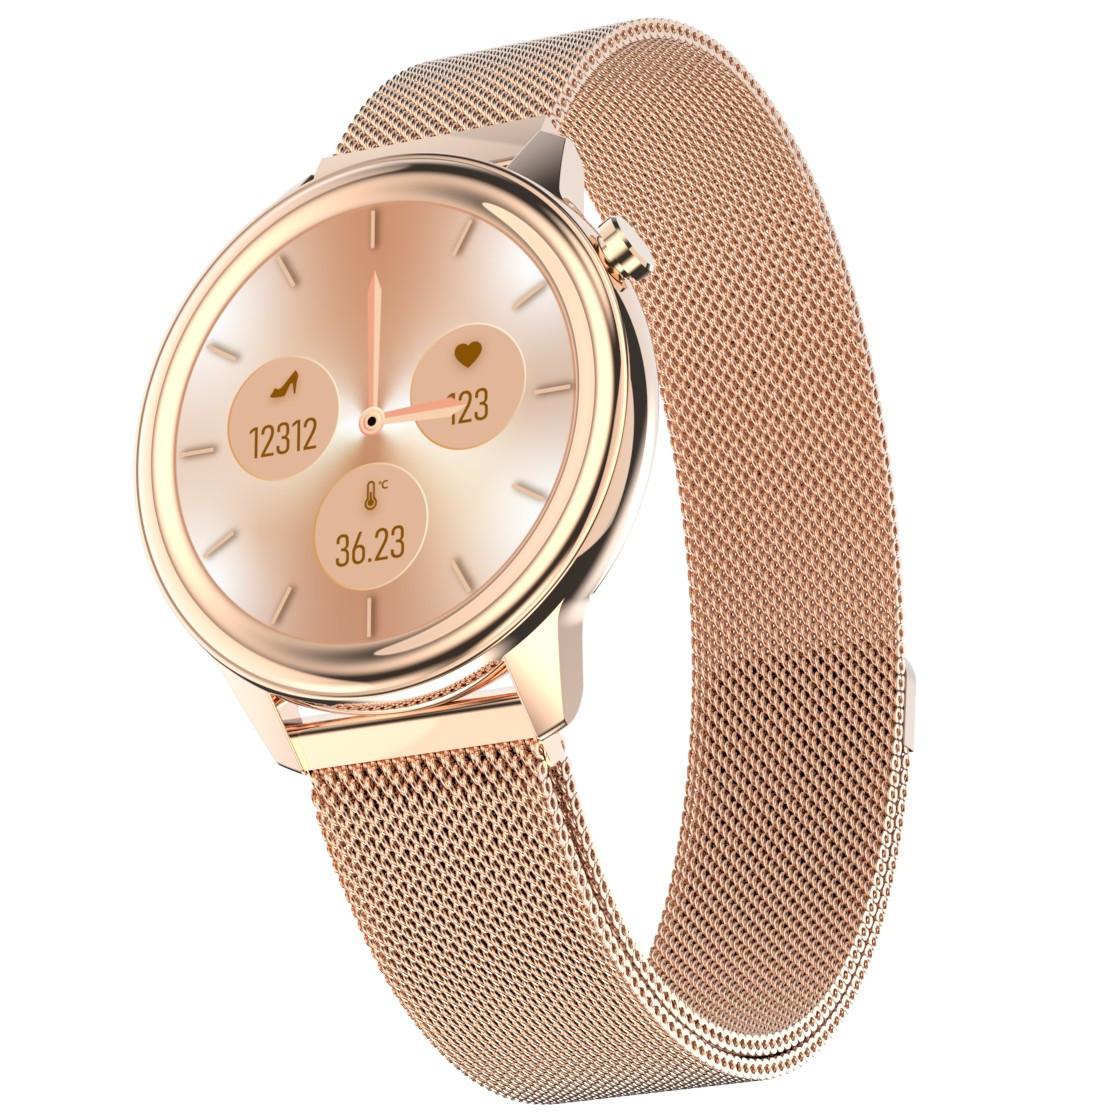 Розумні годинник Lemfo F80 Metal з підтримкою вимірювання тиску і температури (Золотий)